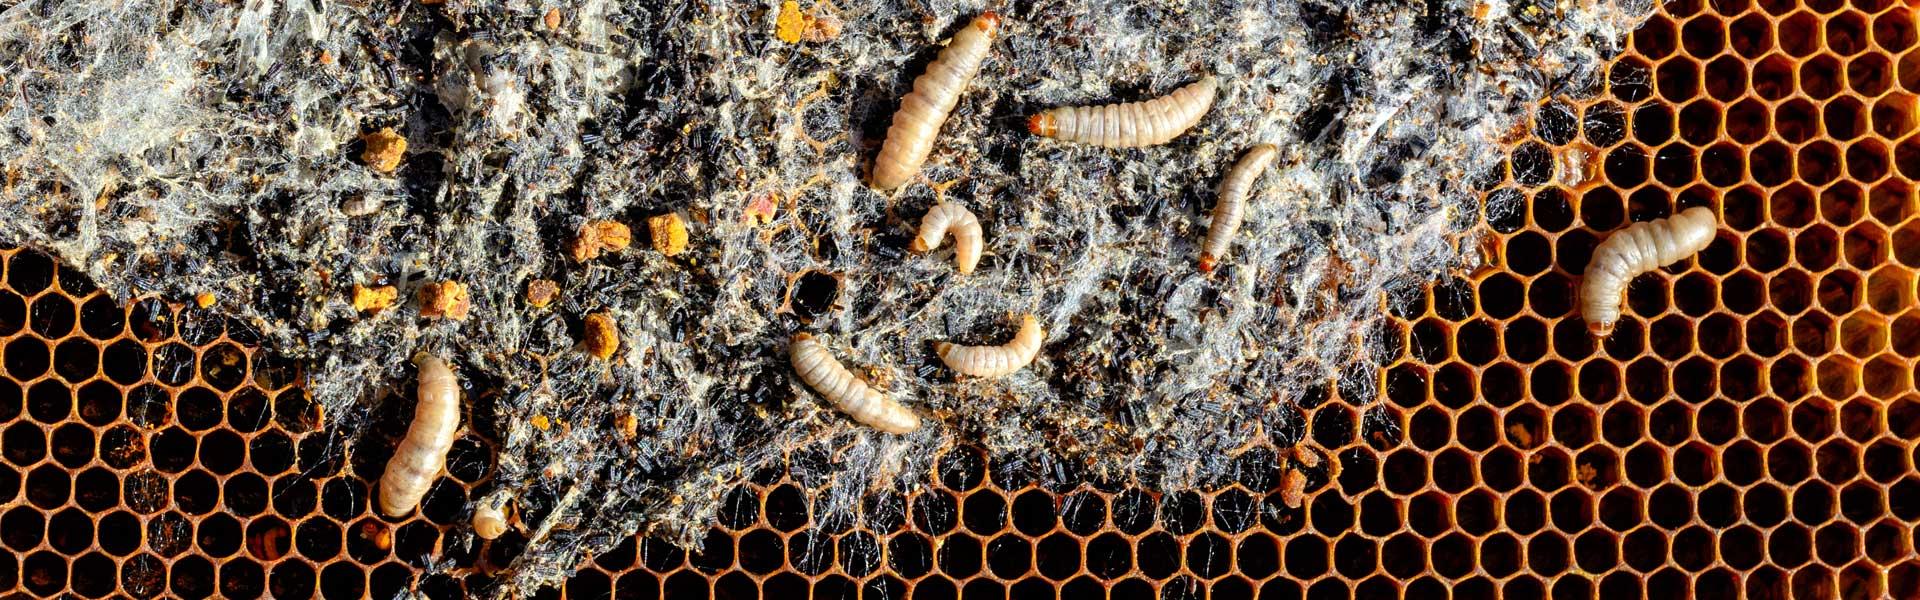 Профилактика пчел от заболеваний